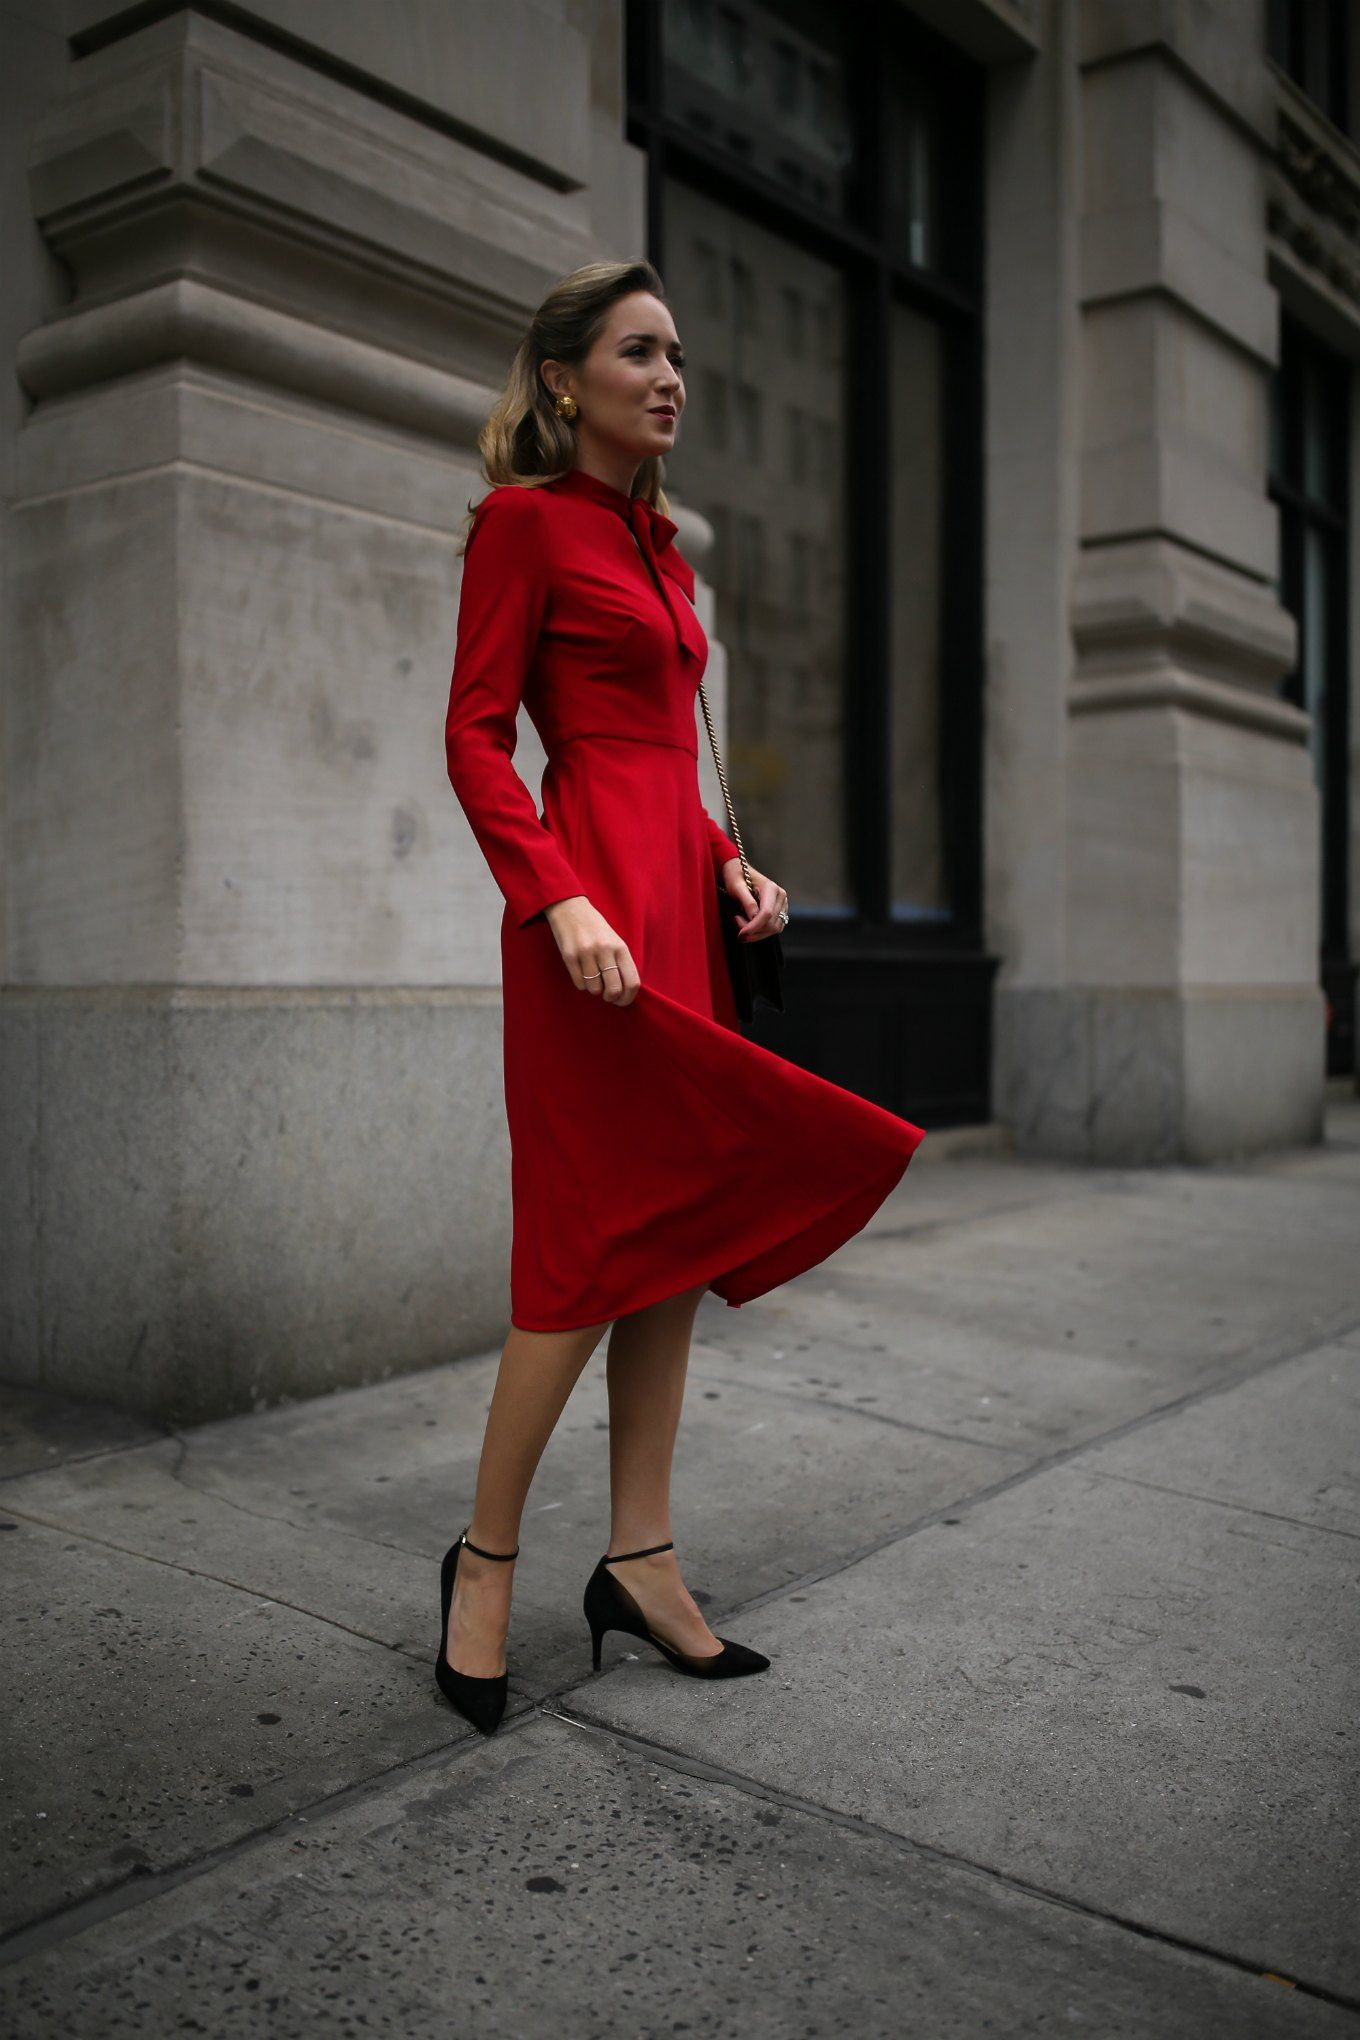 pin von follownuage auf kleider | kleider, rotes kleid, rot